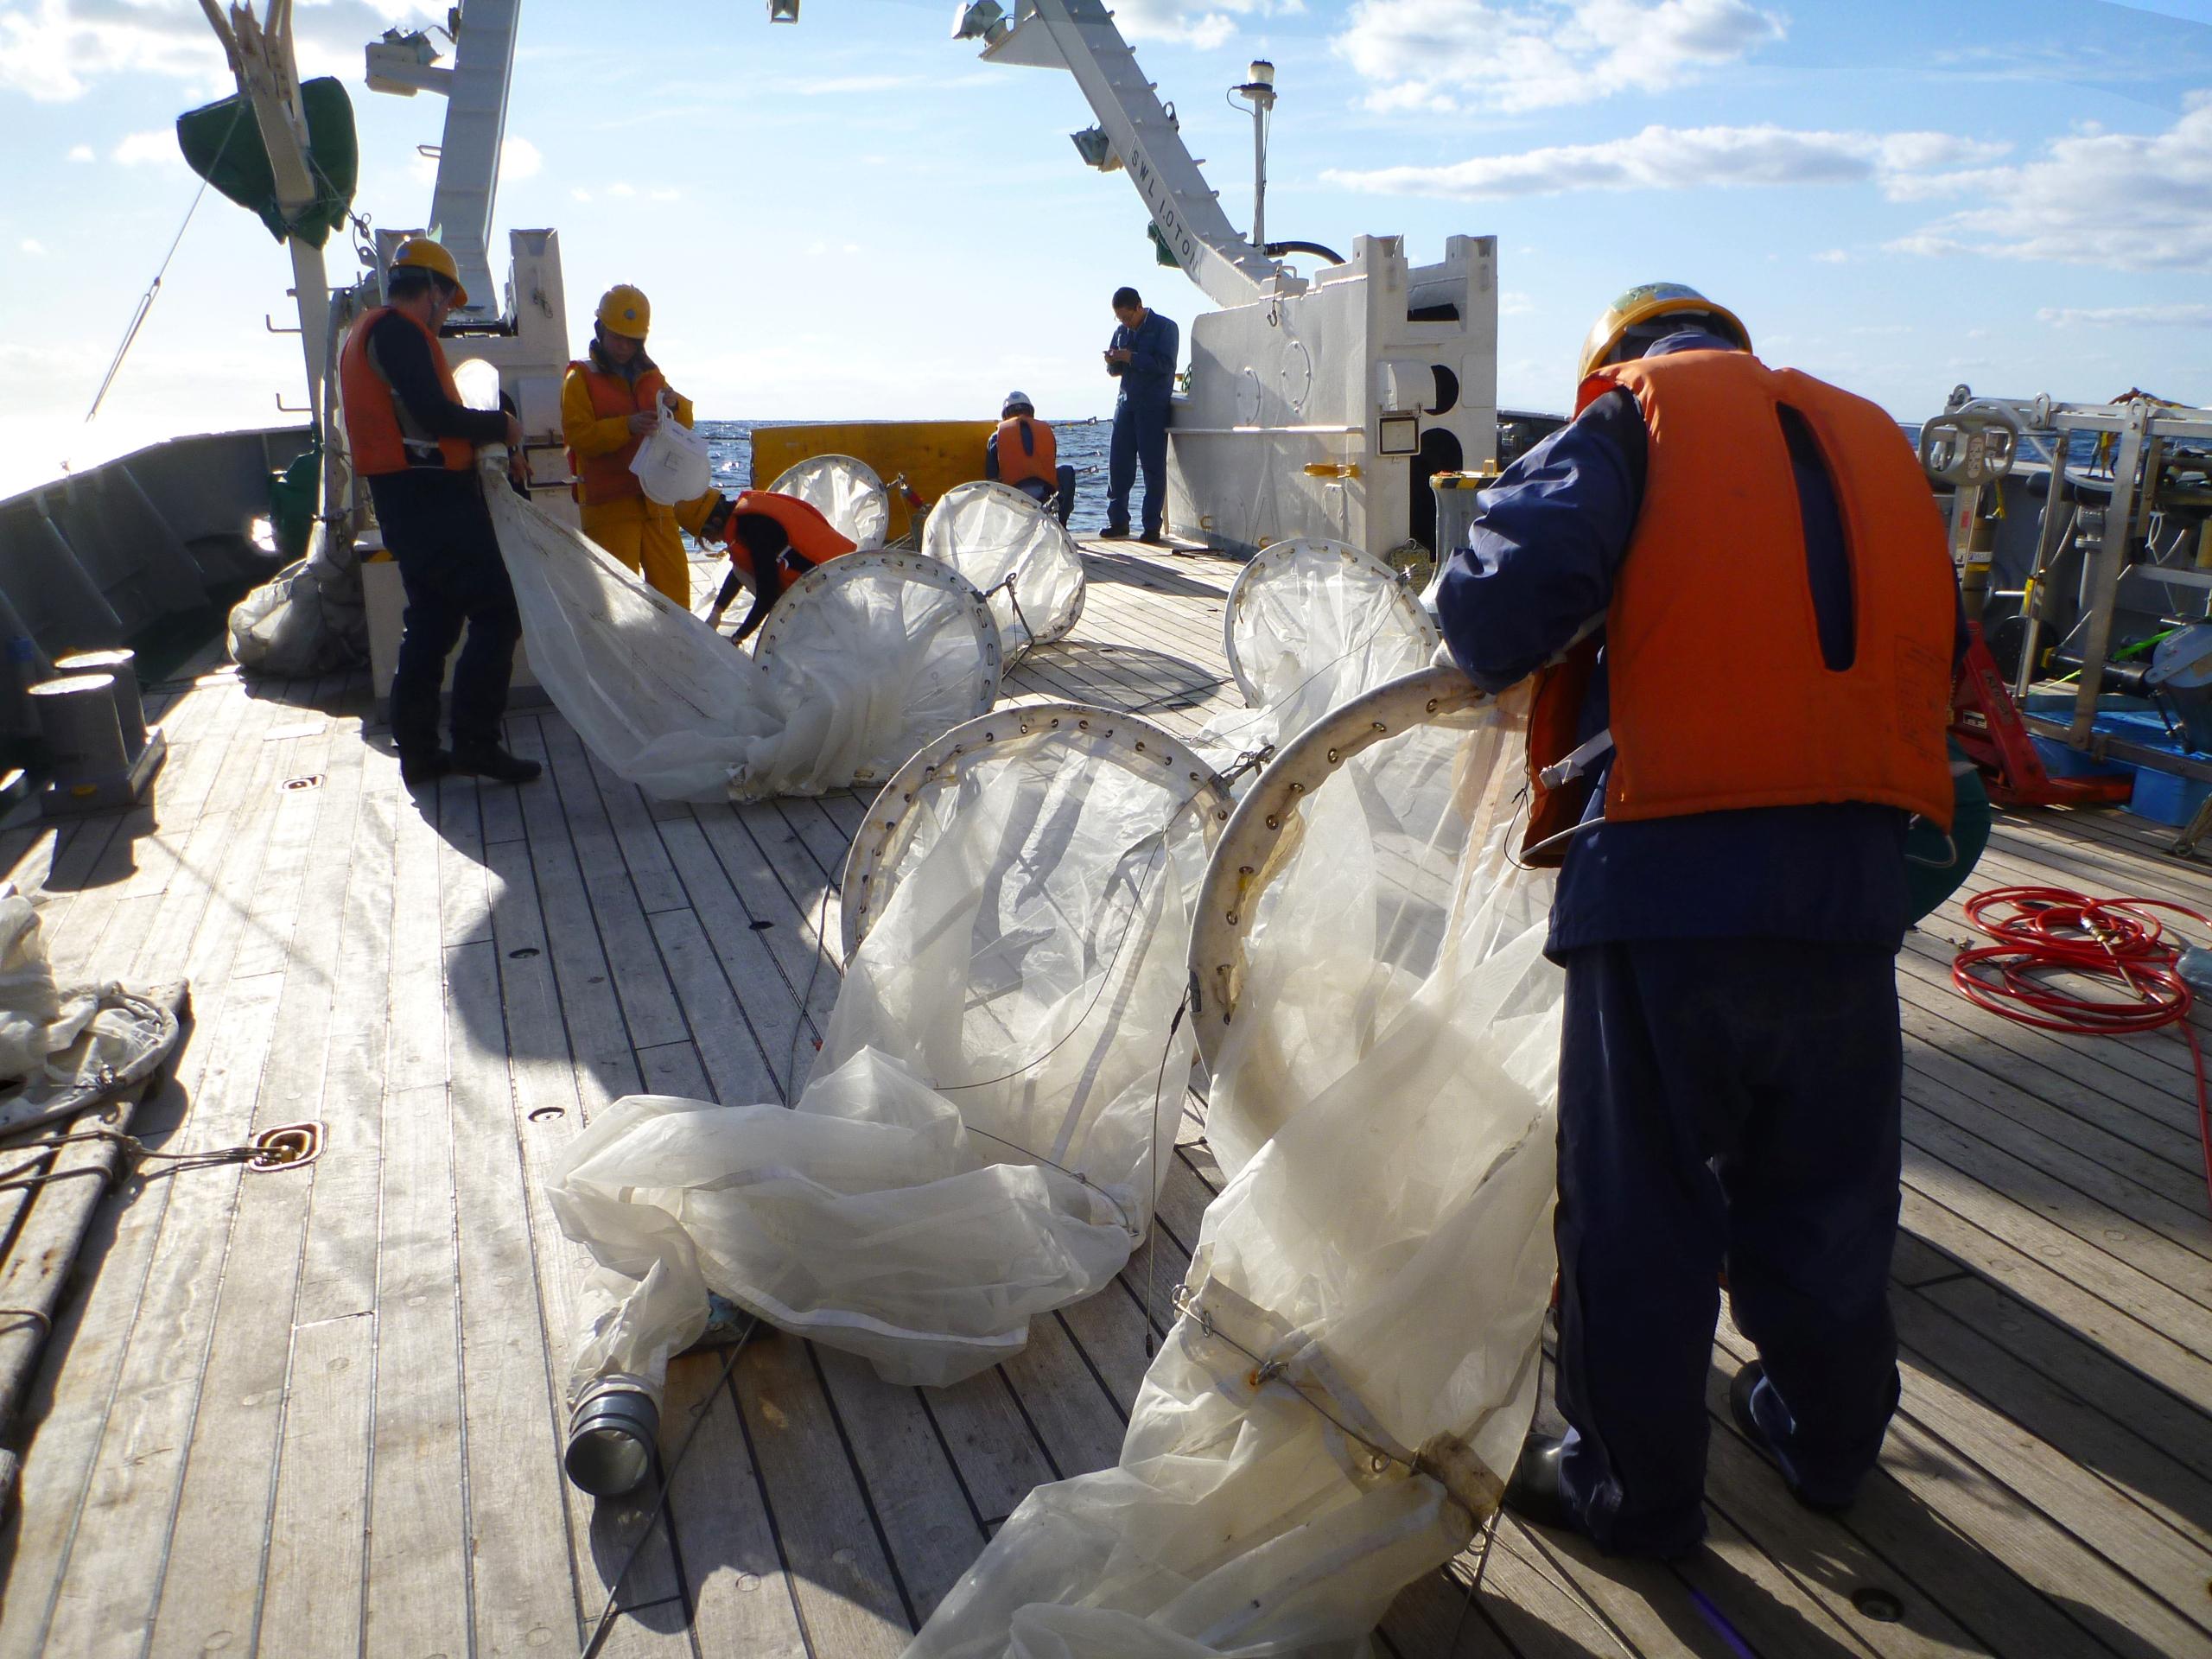 Aboard JAMSTEC's Research Vessel Tansei-maru